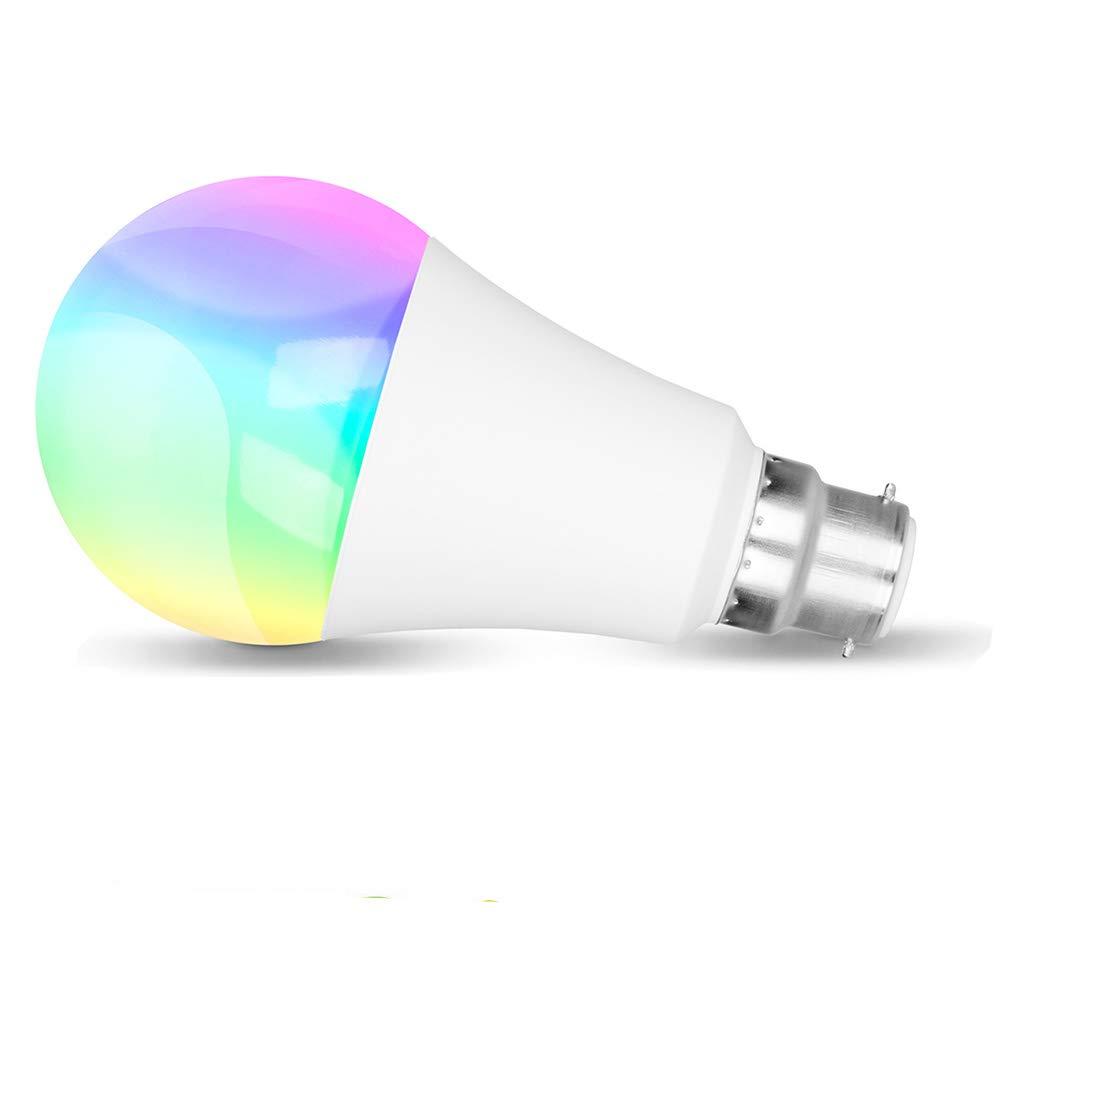 Alexa lampe glü hbirne, Smart wifi led lampe, E27 Birne RGBW Glü hbirne Kompatibel Mit  Alexa und Google Home, Dimmbare, 60W ä quivalent,bis zu 16 Millionen Farben, Steuerbar via App, 7W GresatekEU